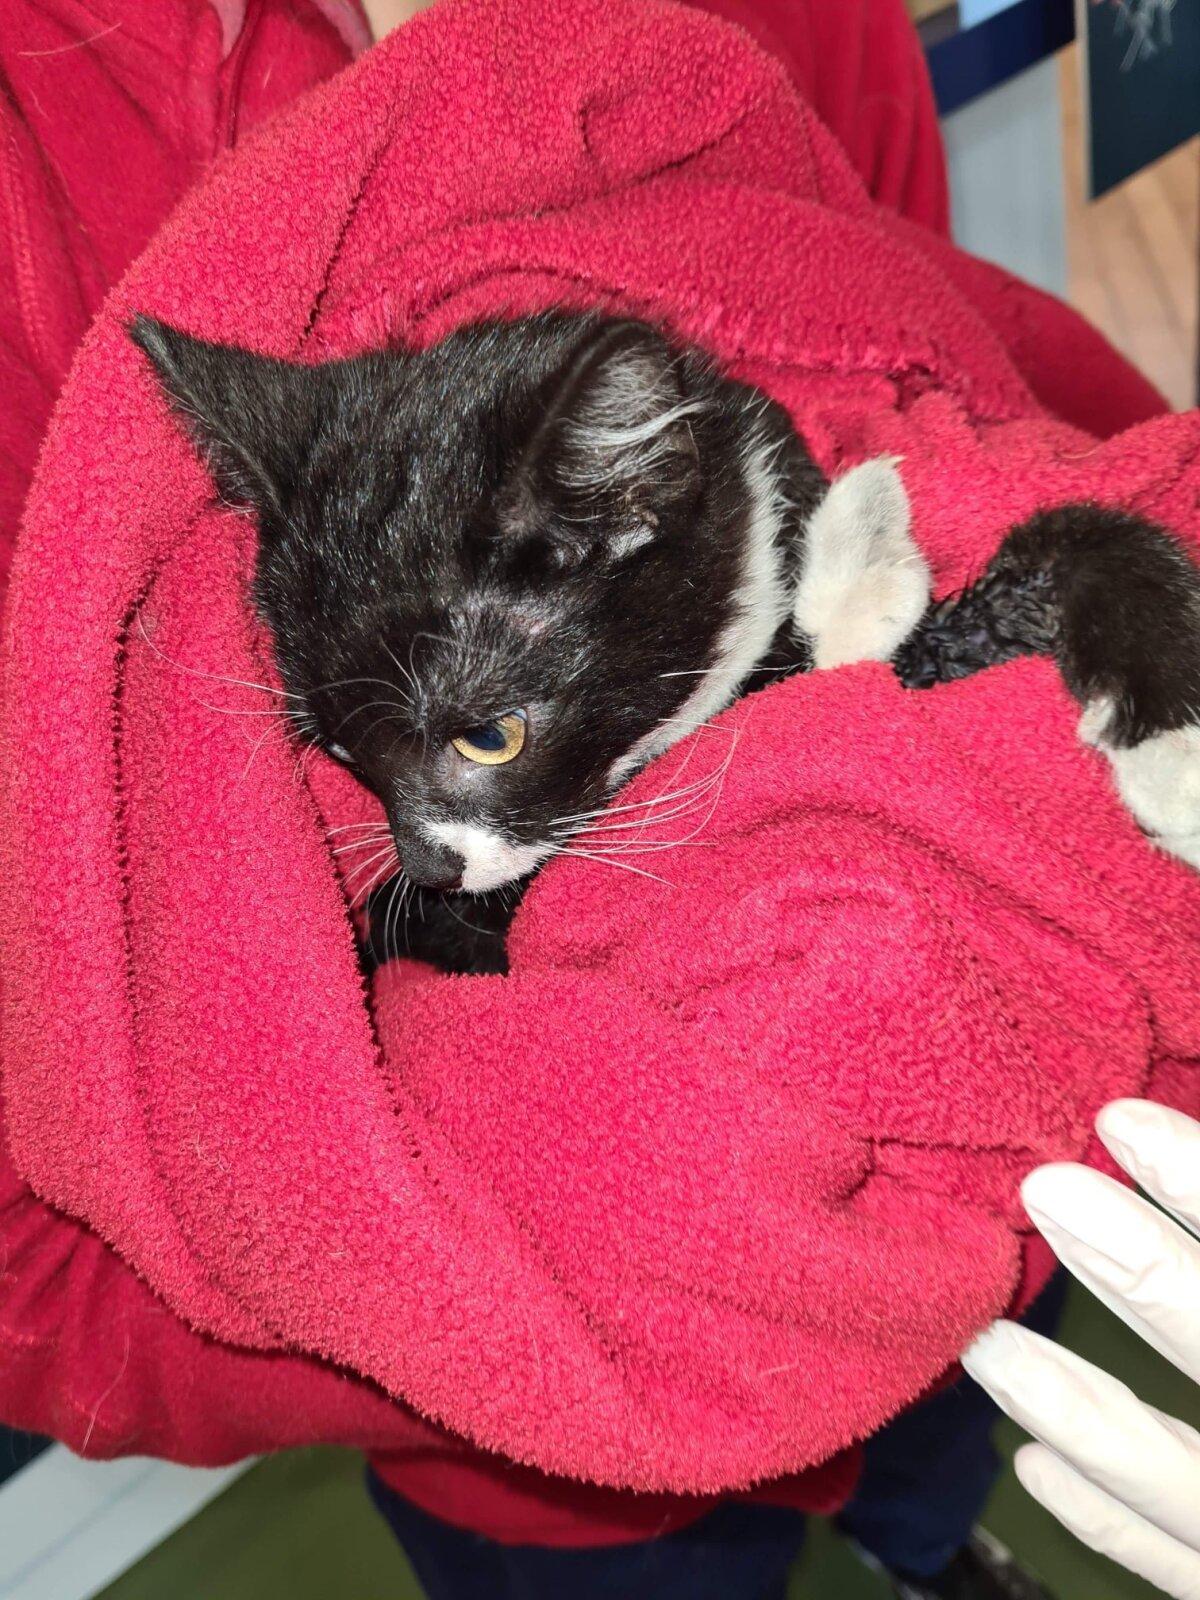 Automootori vahele jäänud kassipoeg Vasja